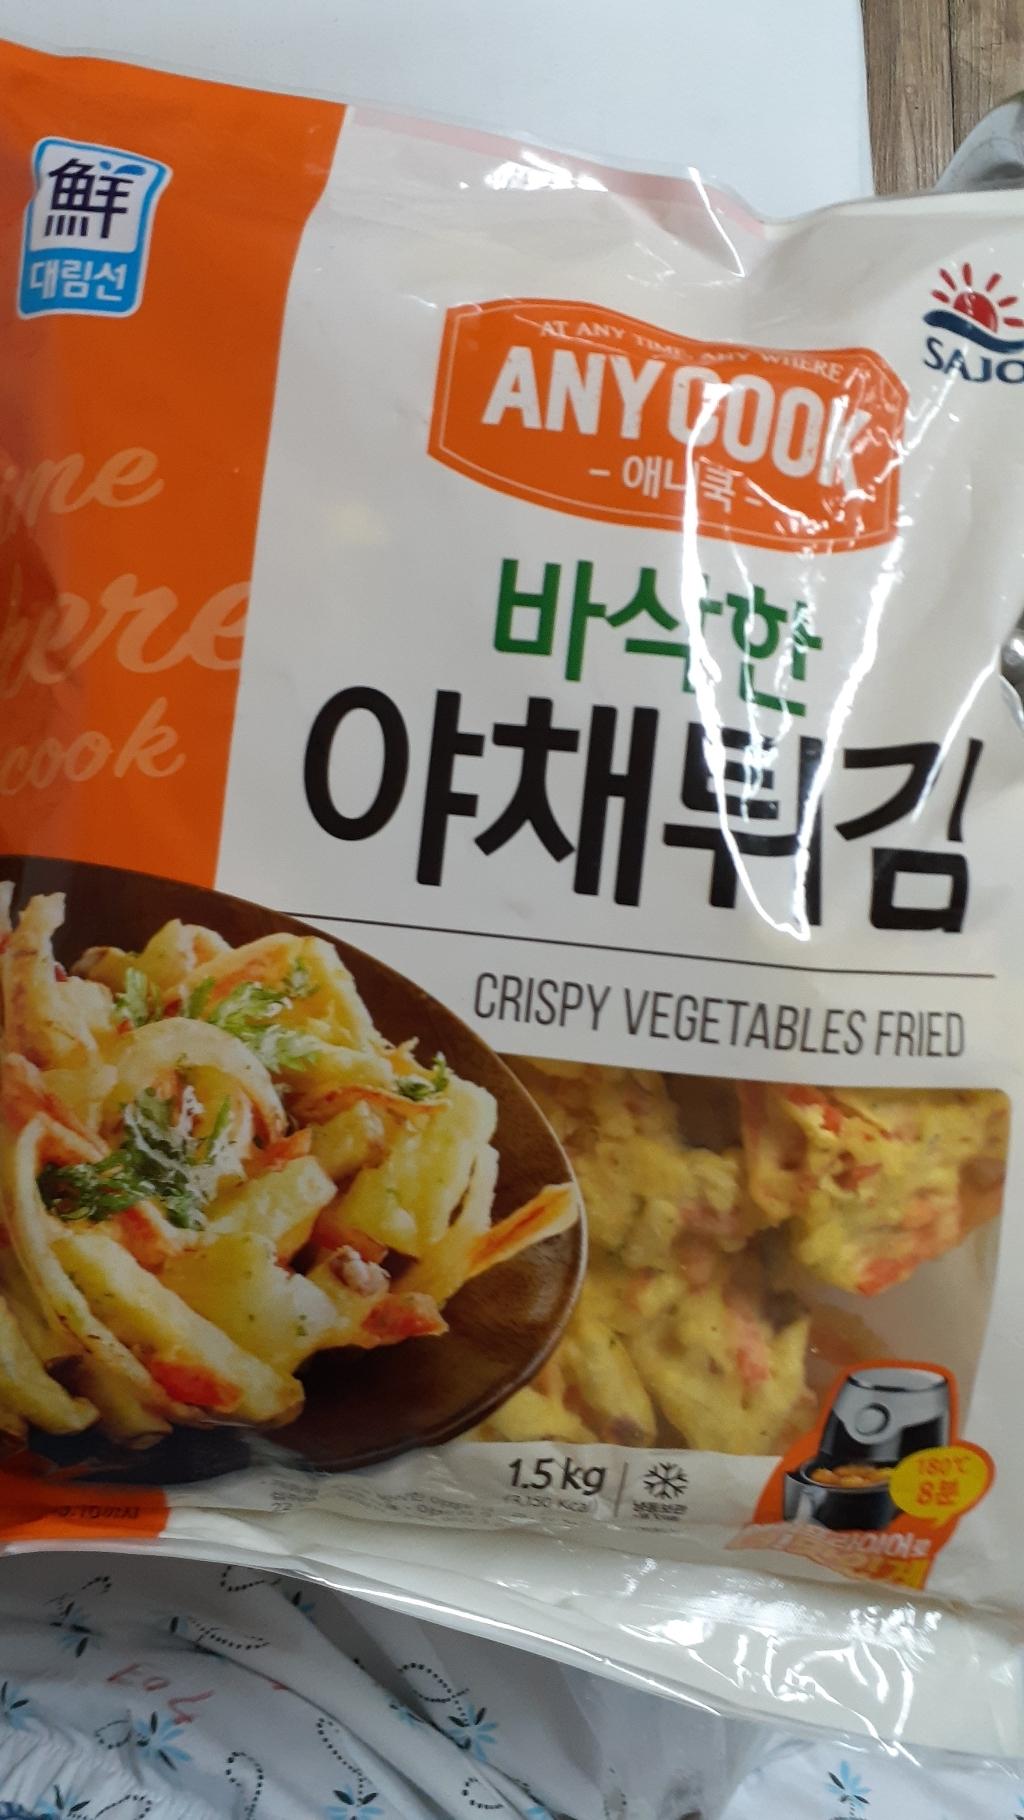 사조 애니쿡 바삭한야채튀김 (냉동)  리뷰 후기